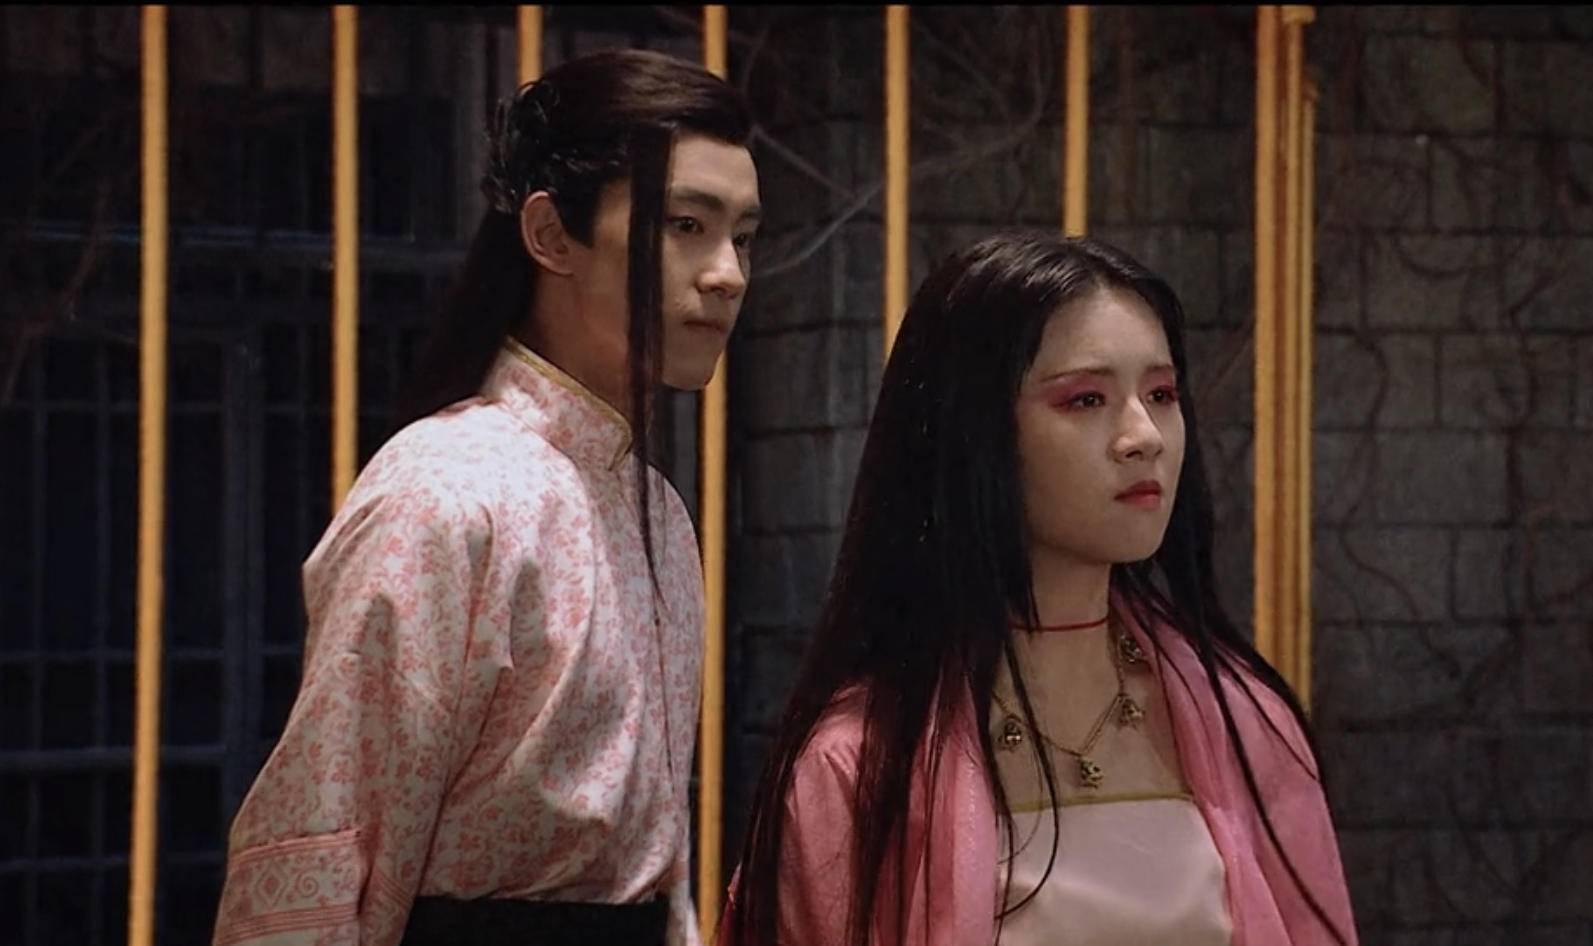 《演员2》第四期太精彩,唐一菲低情商退赛,陈凯歌开怼李诚儒